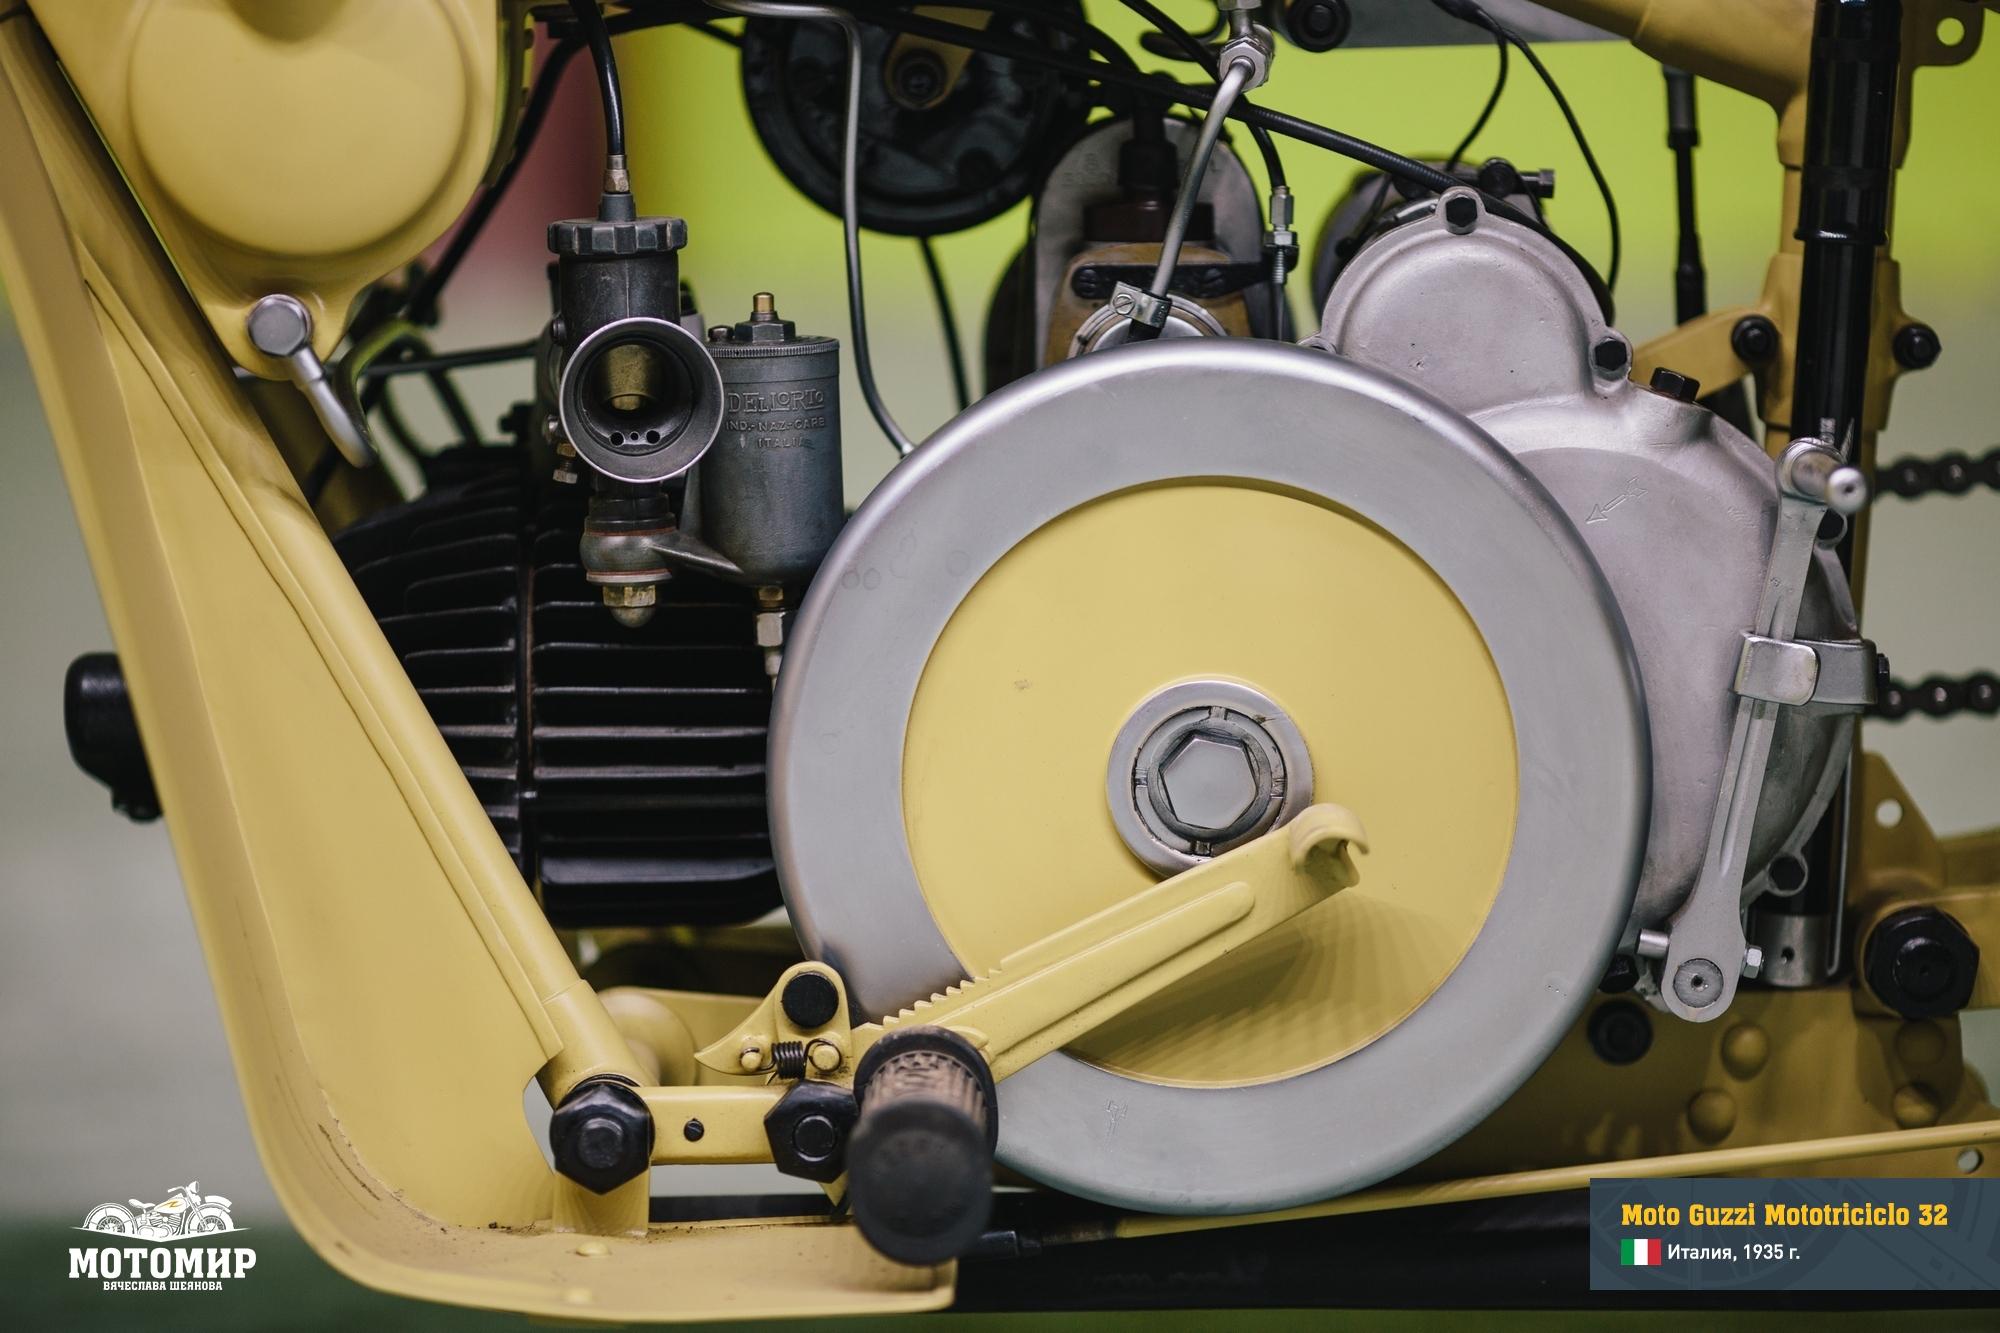 moto-guzzi-mototriciclo-32-web-24